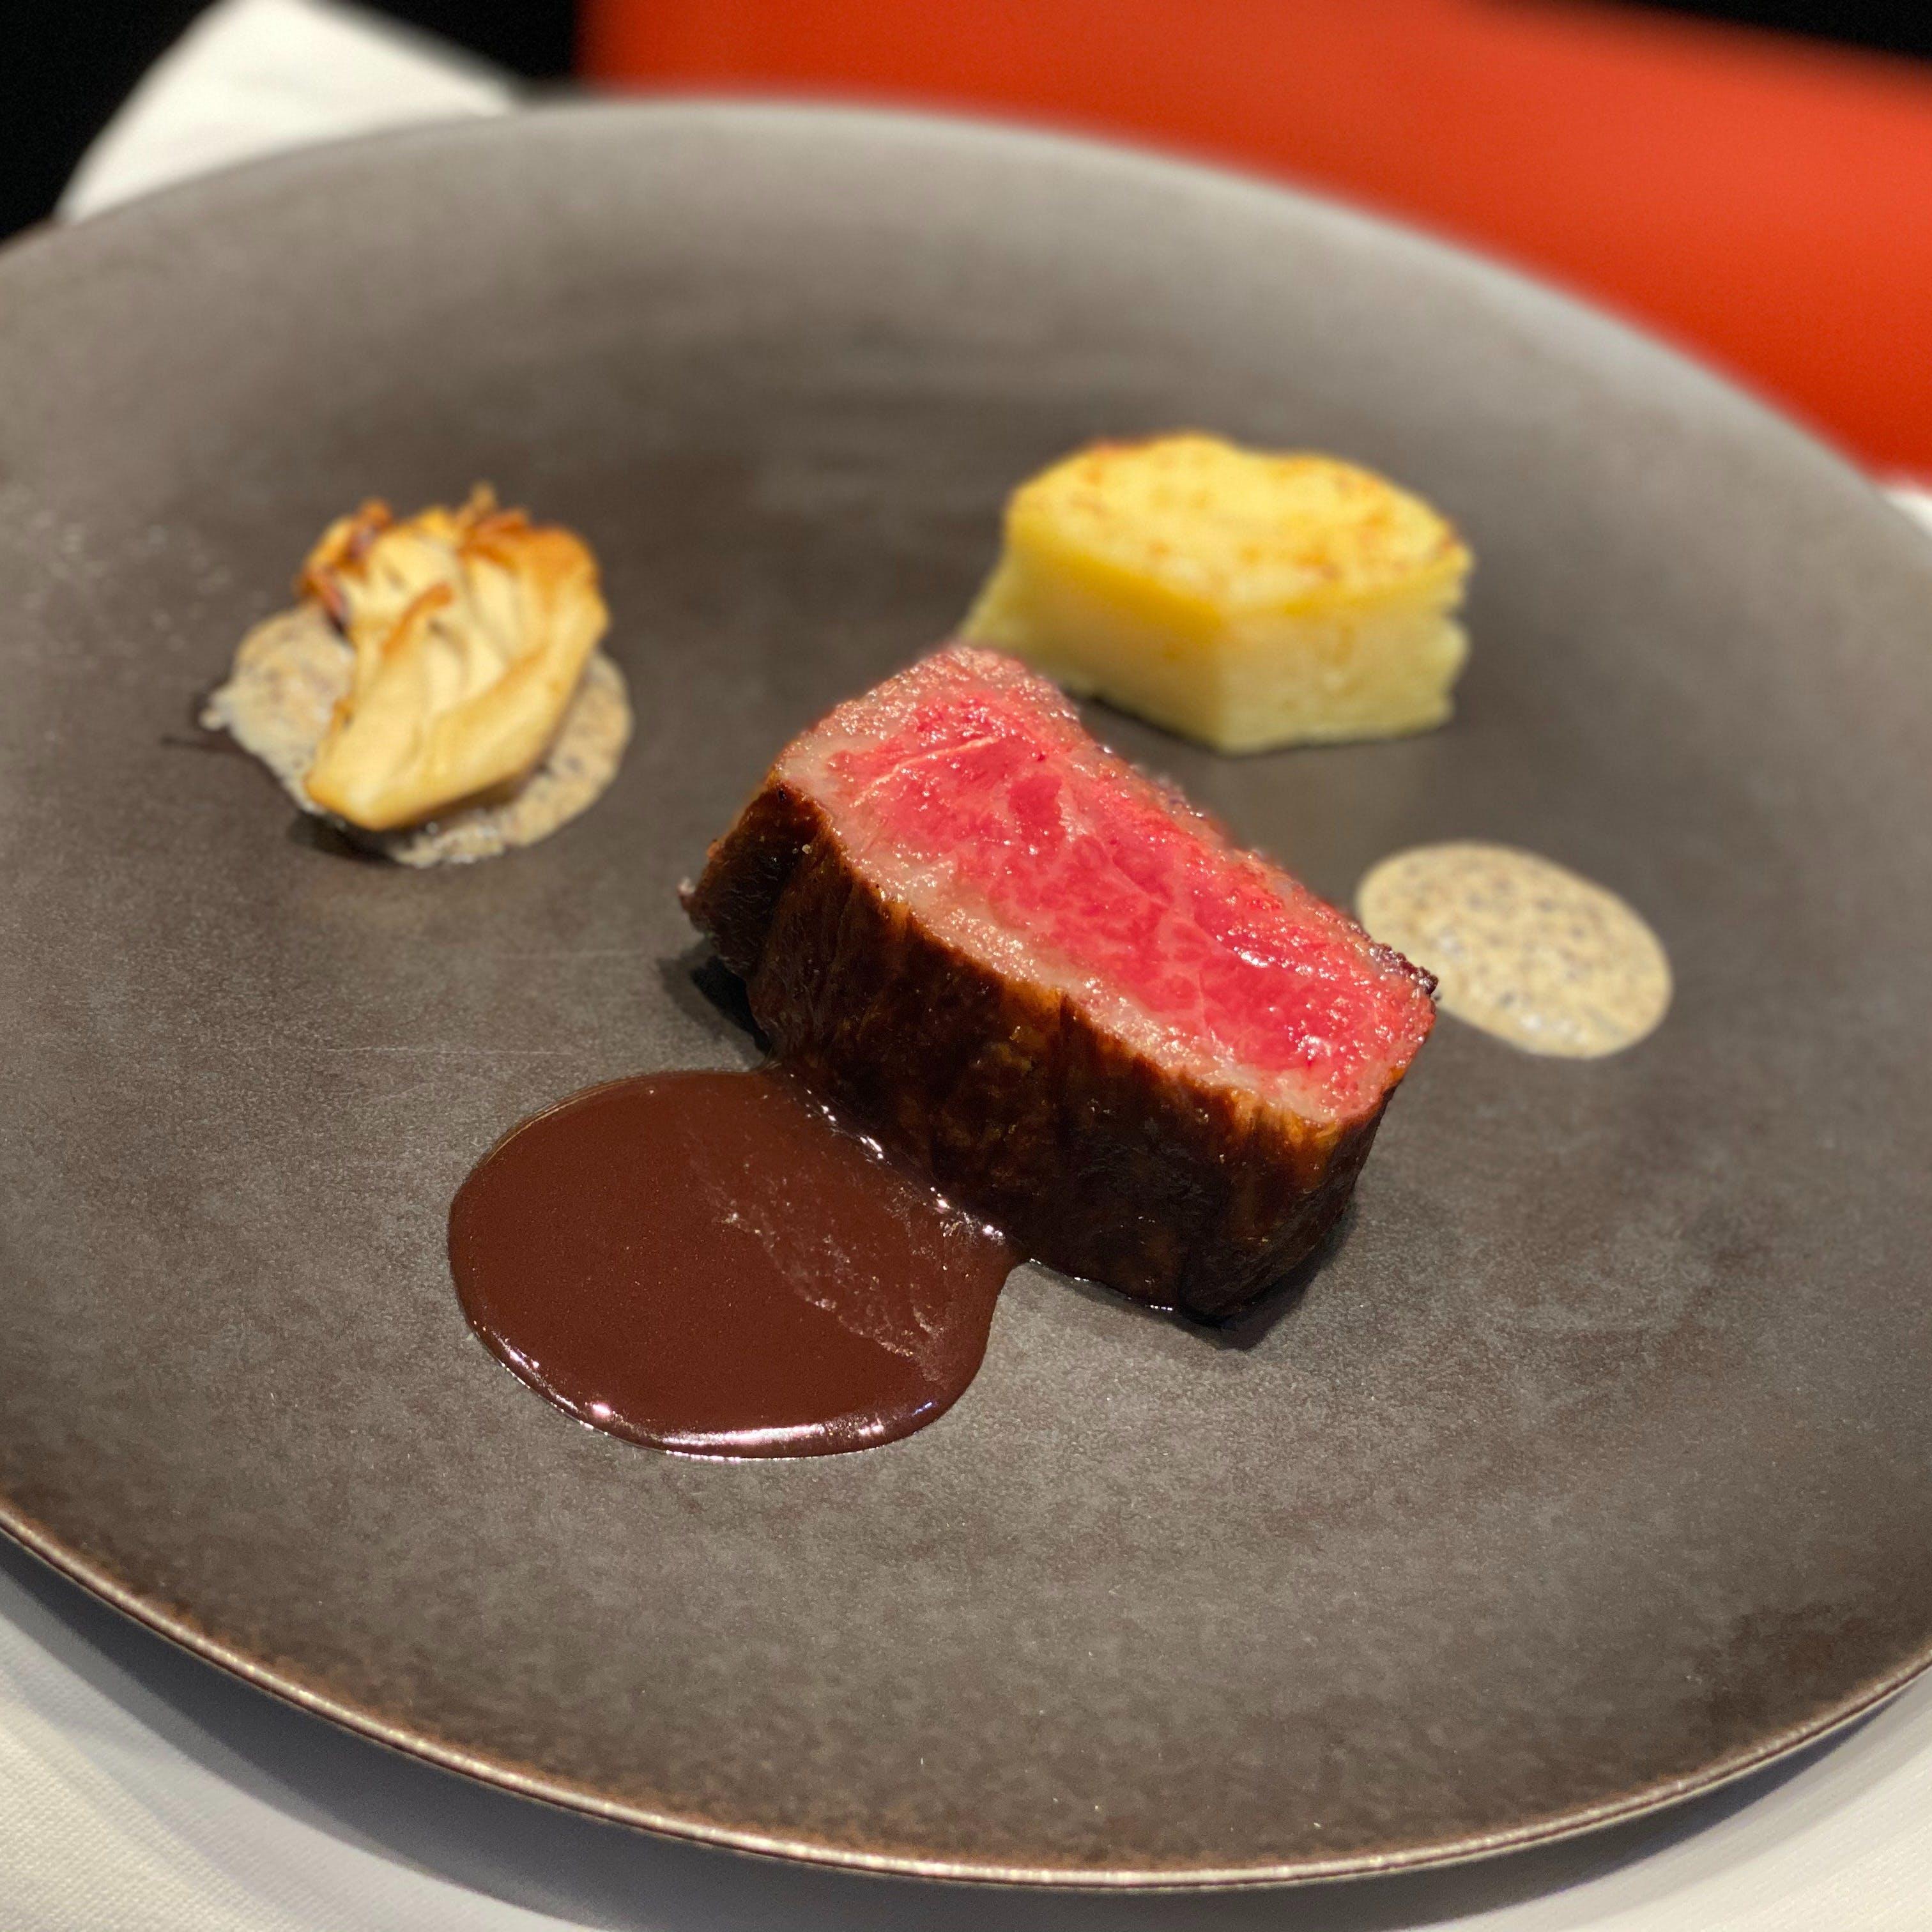 開放暖炉で味わう薪焼きイタリアン『厳選黒毛和牛のサーロインステーキ』